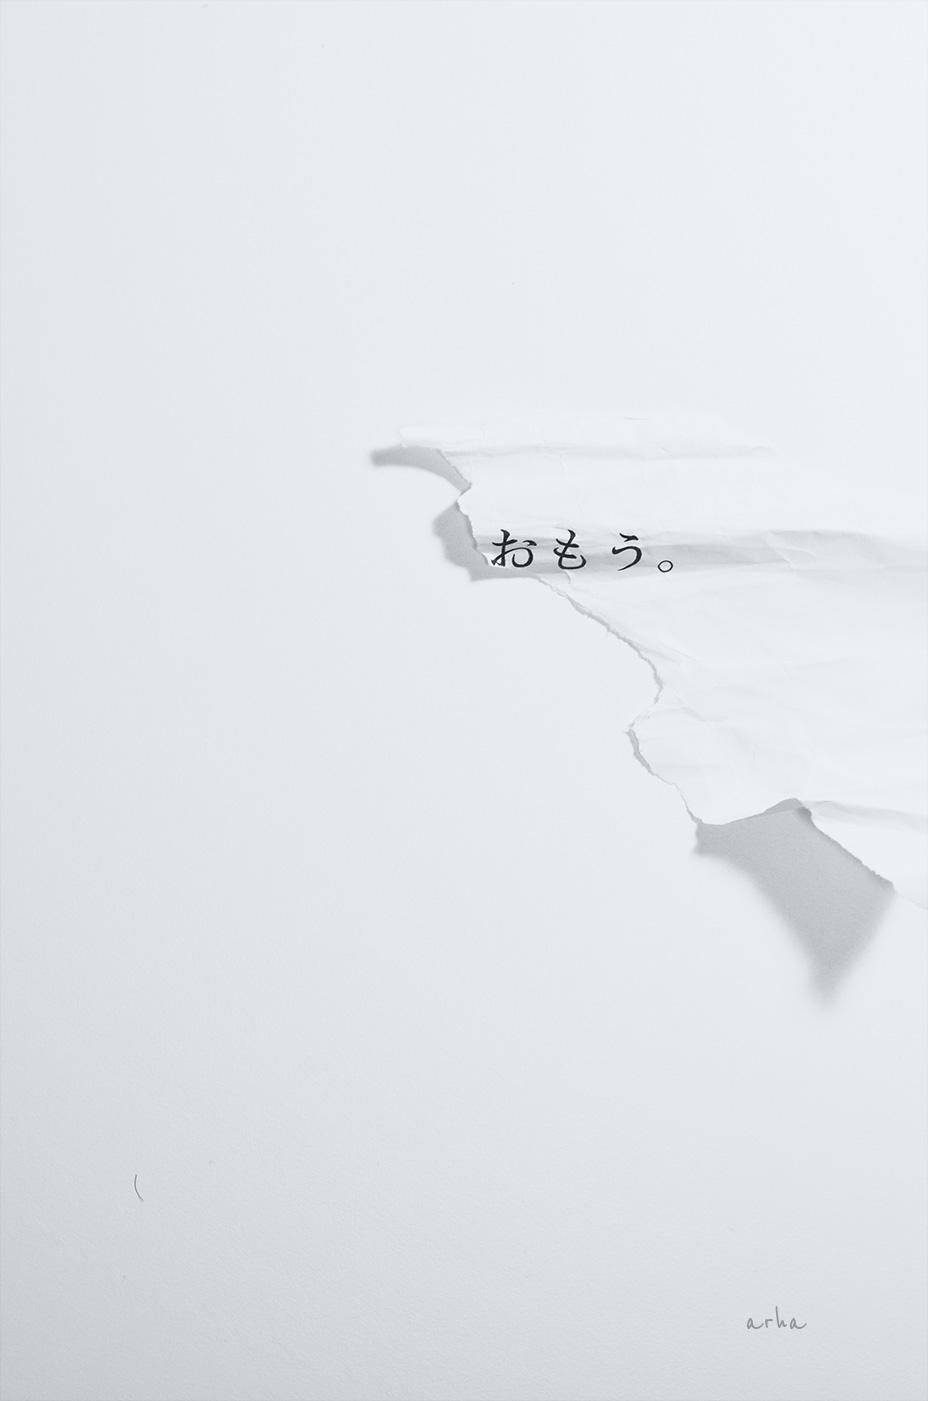 OMOU-copyright-2012-arha-Tomomichi-Morifuji